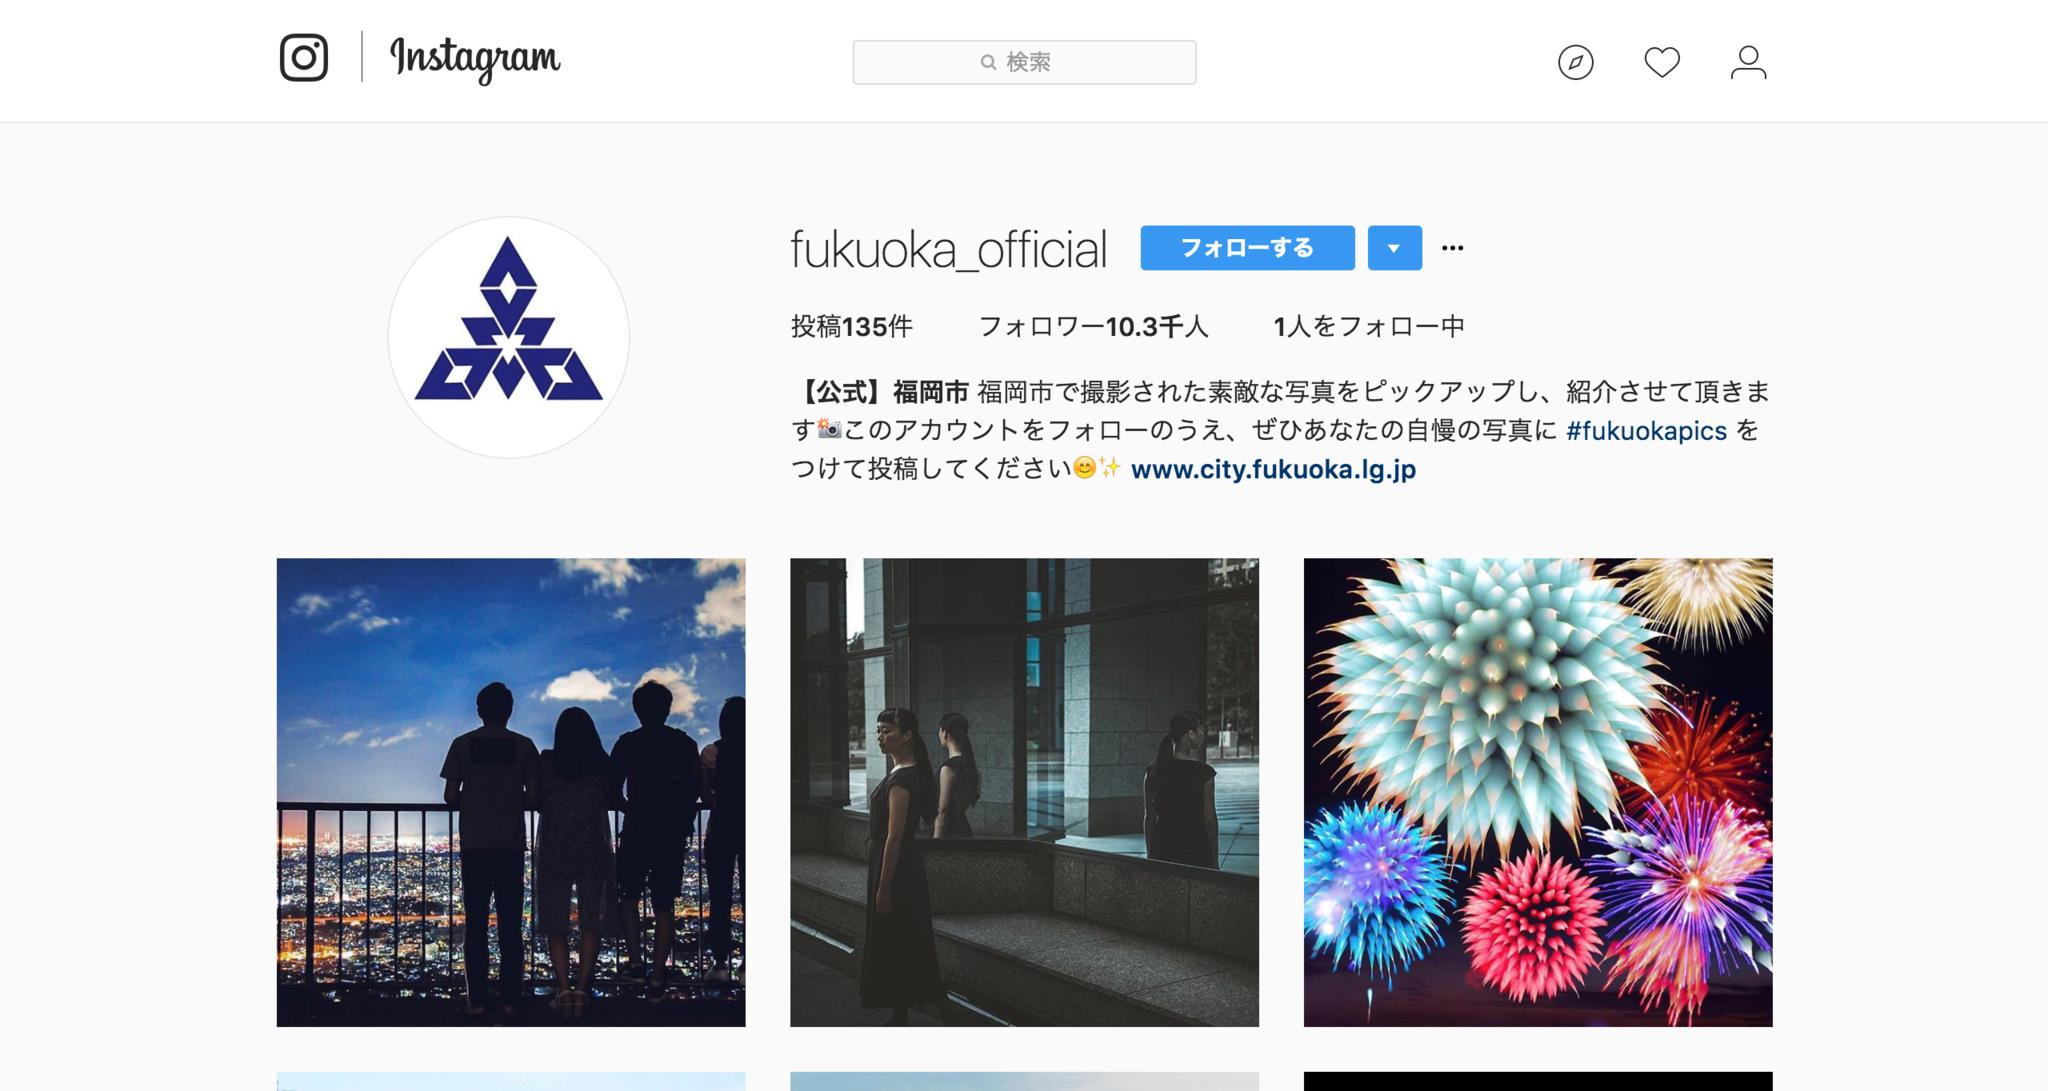 【公式】福岡市さん__fukuoka_official__•_Instagram写真と動画.png